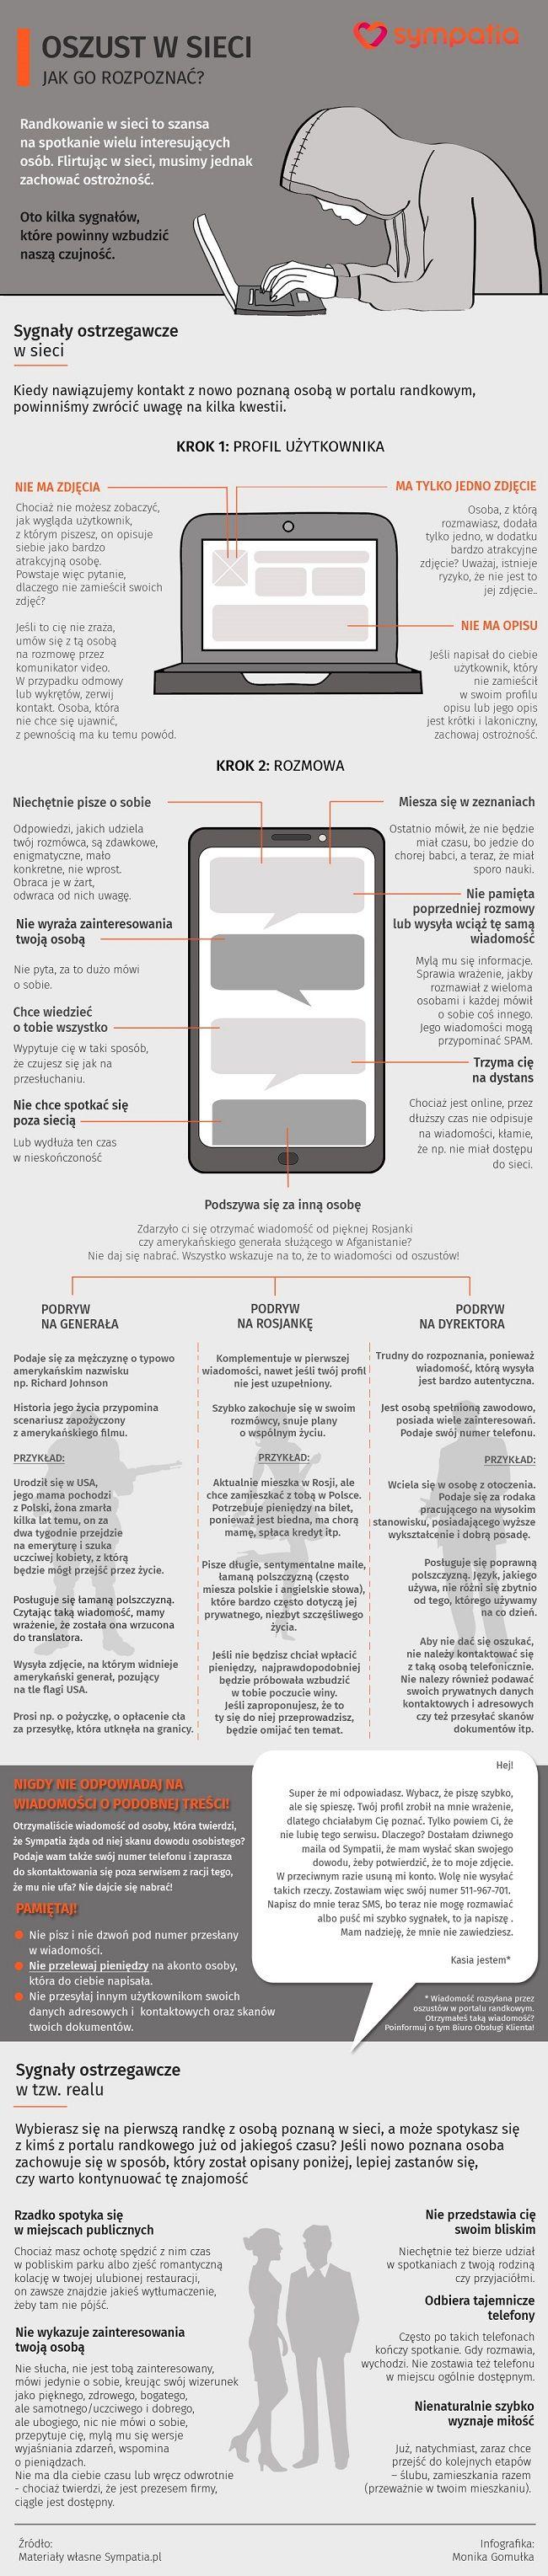 Oszust w sieci - jak go rozpoznać? Infografika